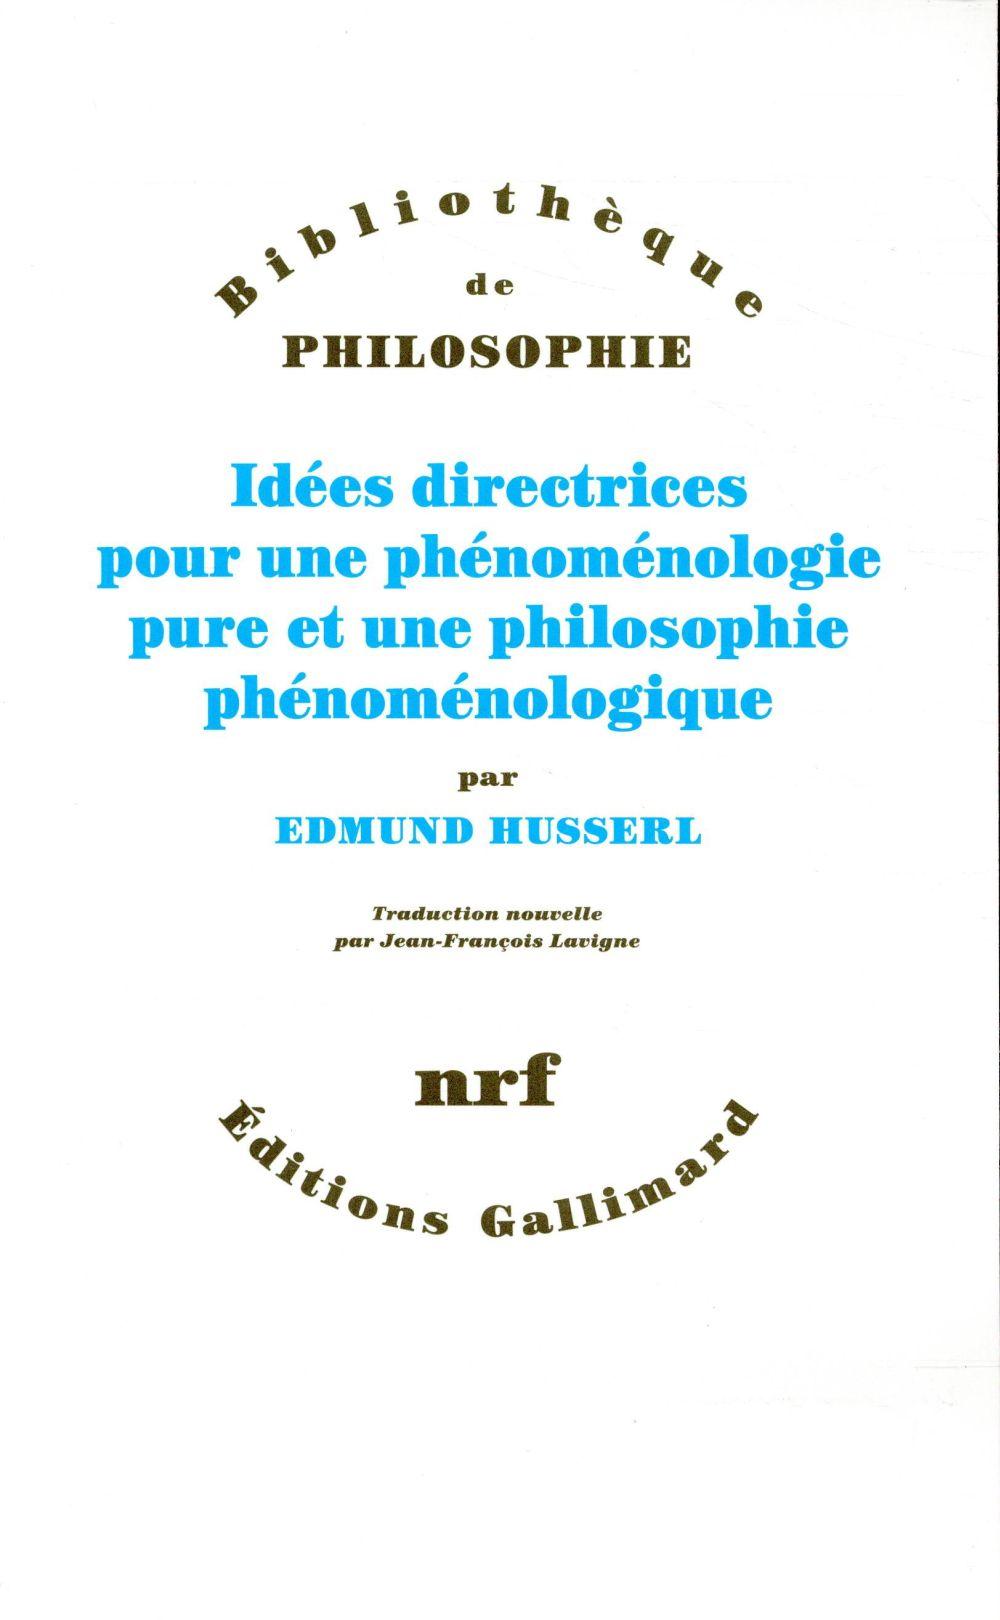 Idées directrices pour une phénoménologie pure et une philosophie phénoménologique